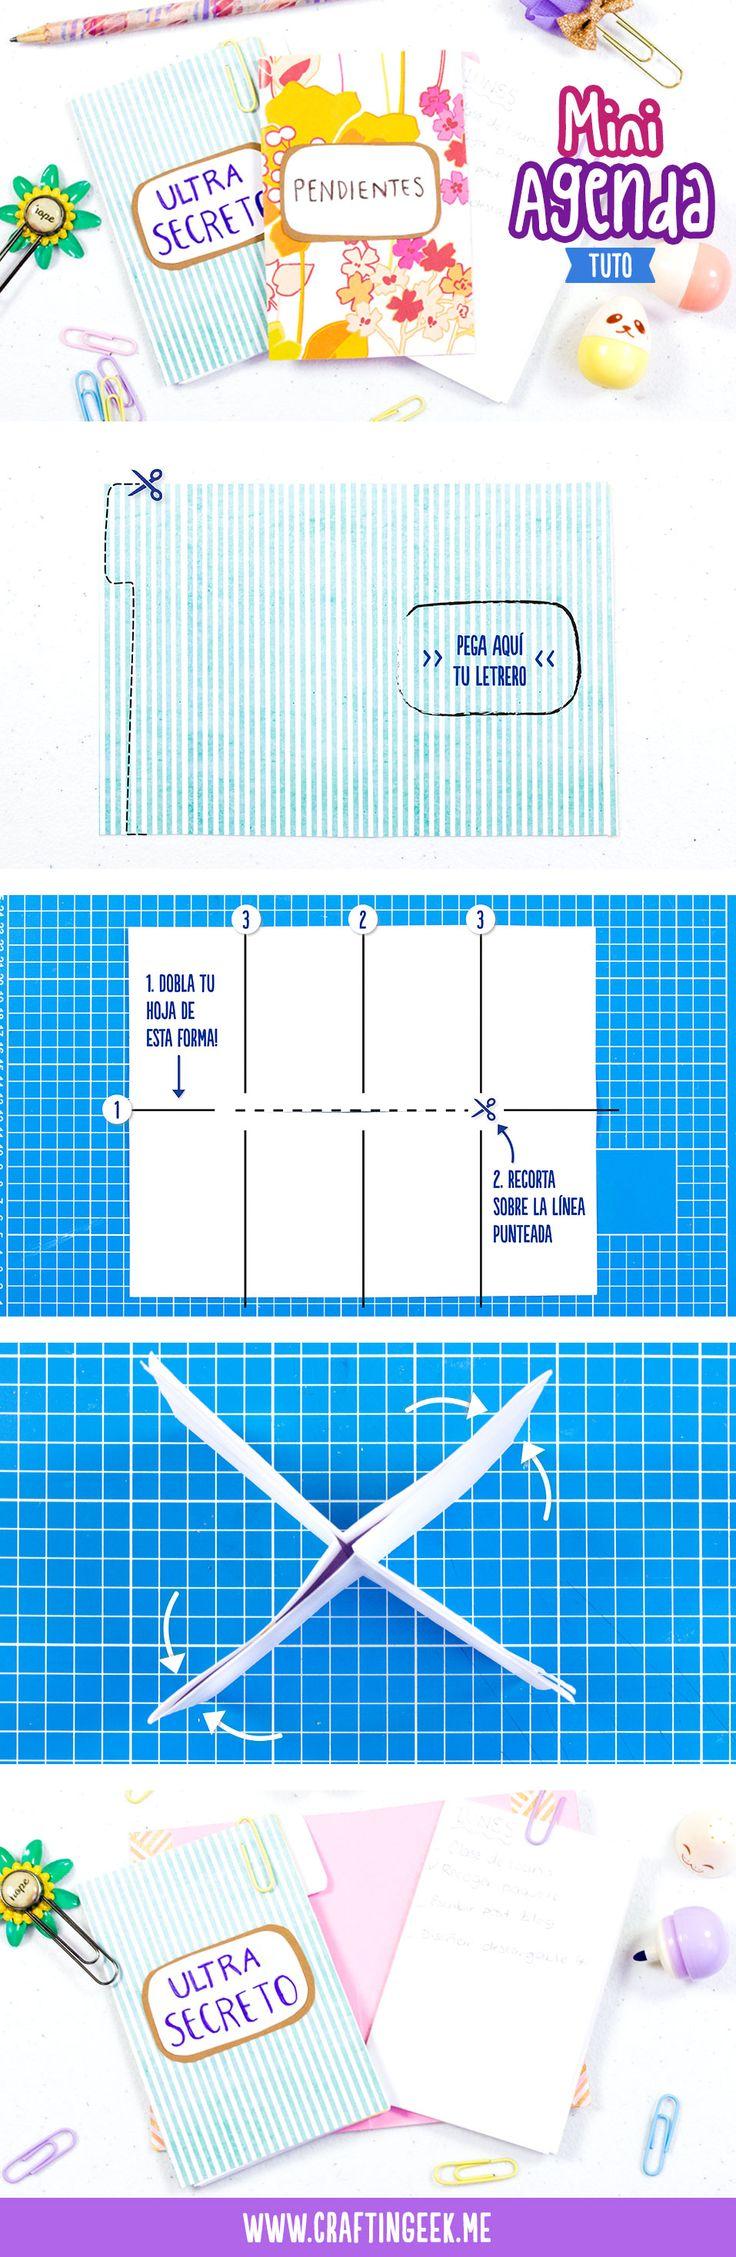 Mini agenda de hoja reciclada